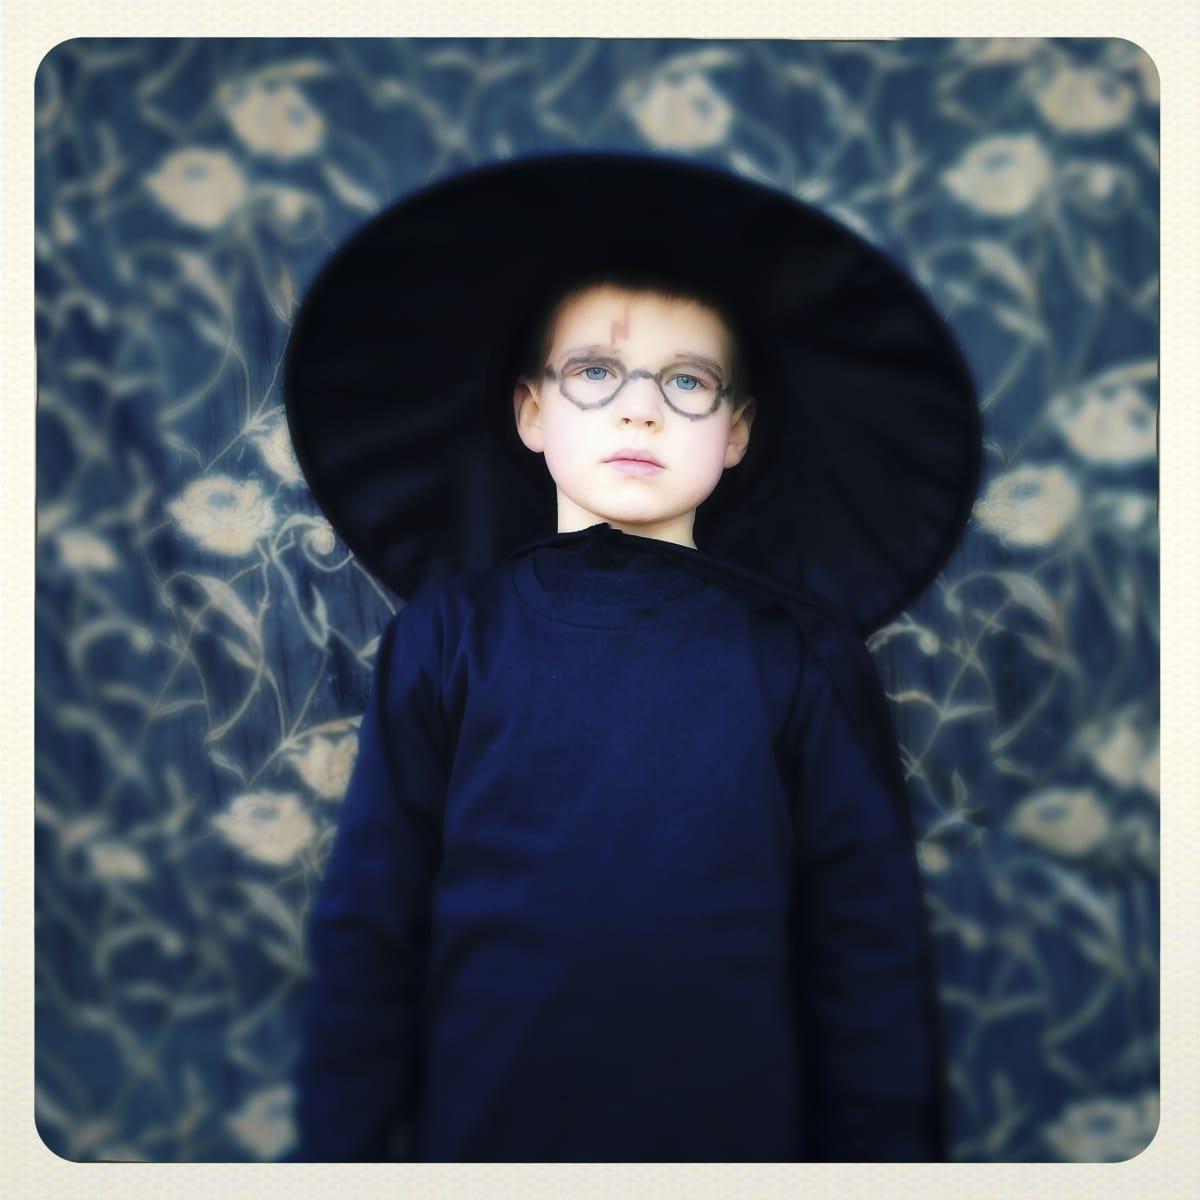 Jorma Myllyn mobiilikuvateos Harry Potter kuvasarjasta Trullit.